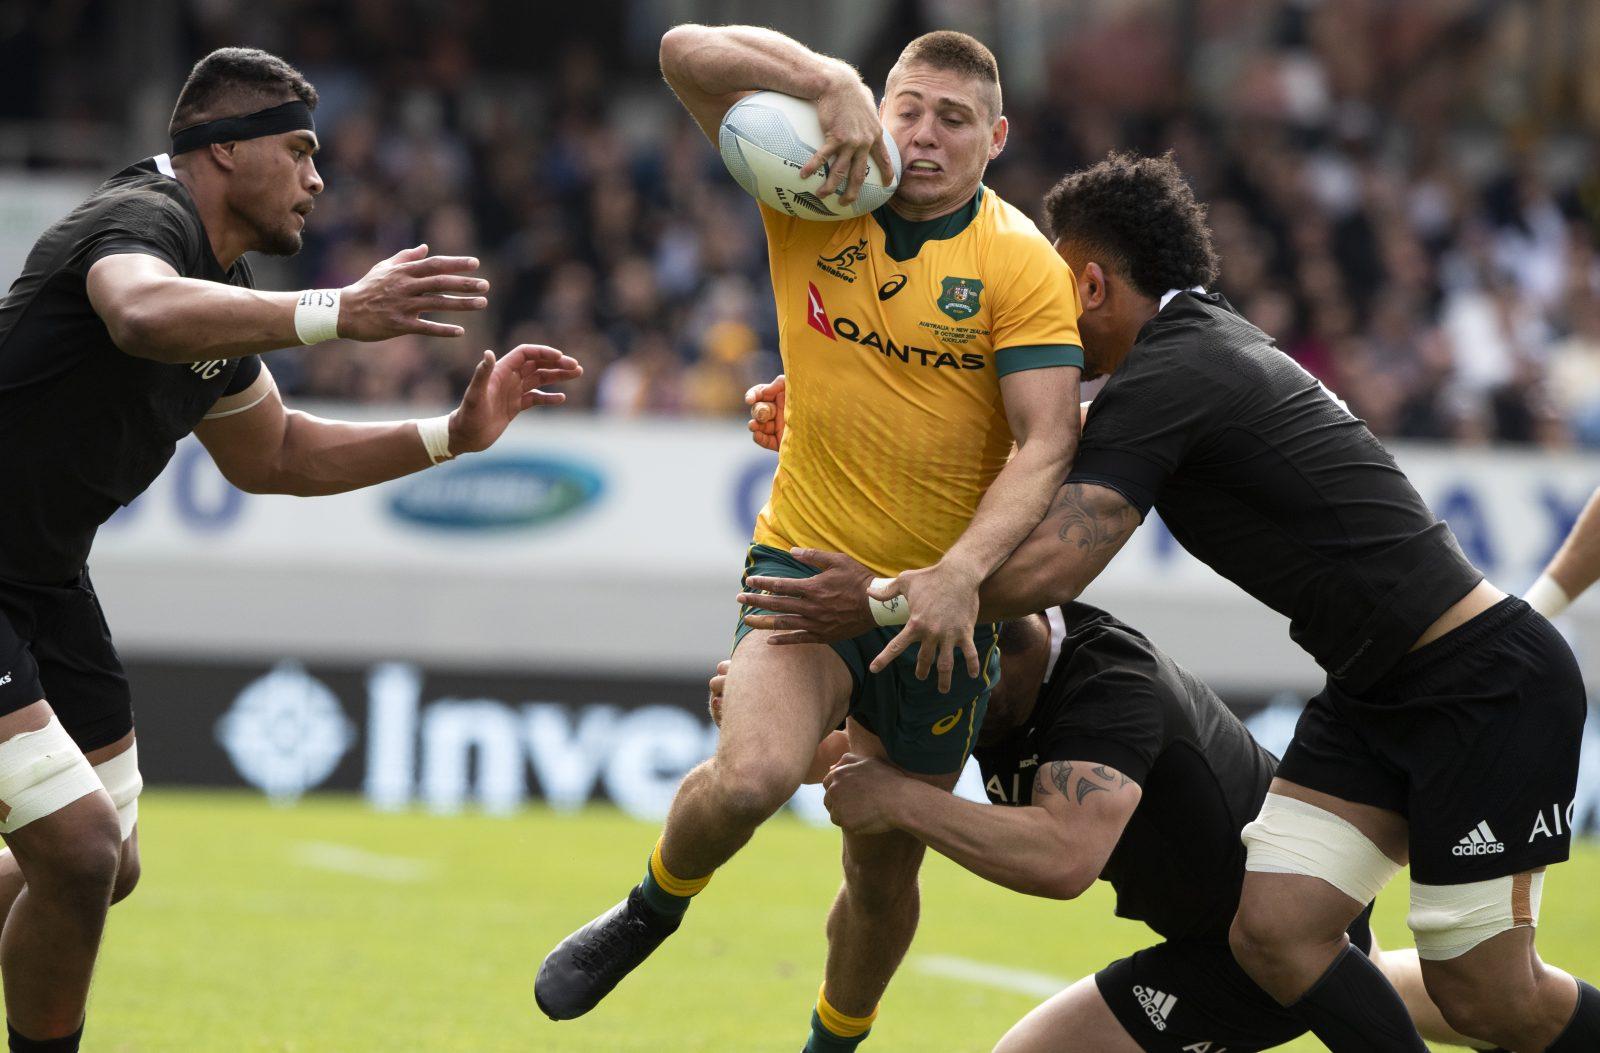 Die Rugby Nationalmannschaften von Neuseeland und Australien treffen aufeinander: Niemand käme auf die Idee, beim Rugby Männer in Frauenteams spielen zu lassen Foto: picture alliance / AP Images